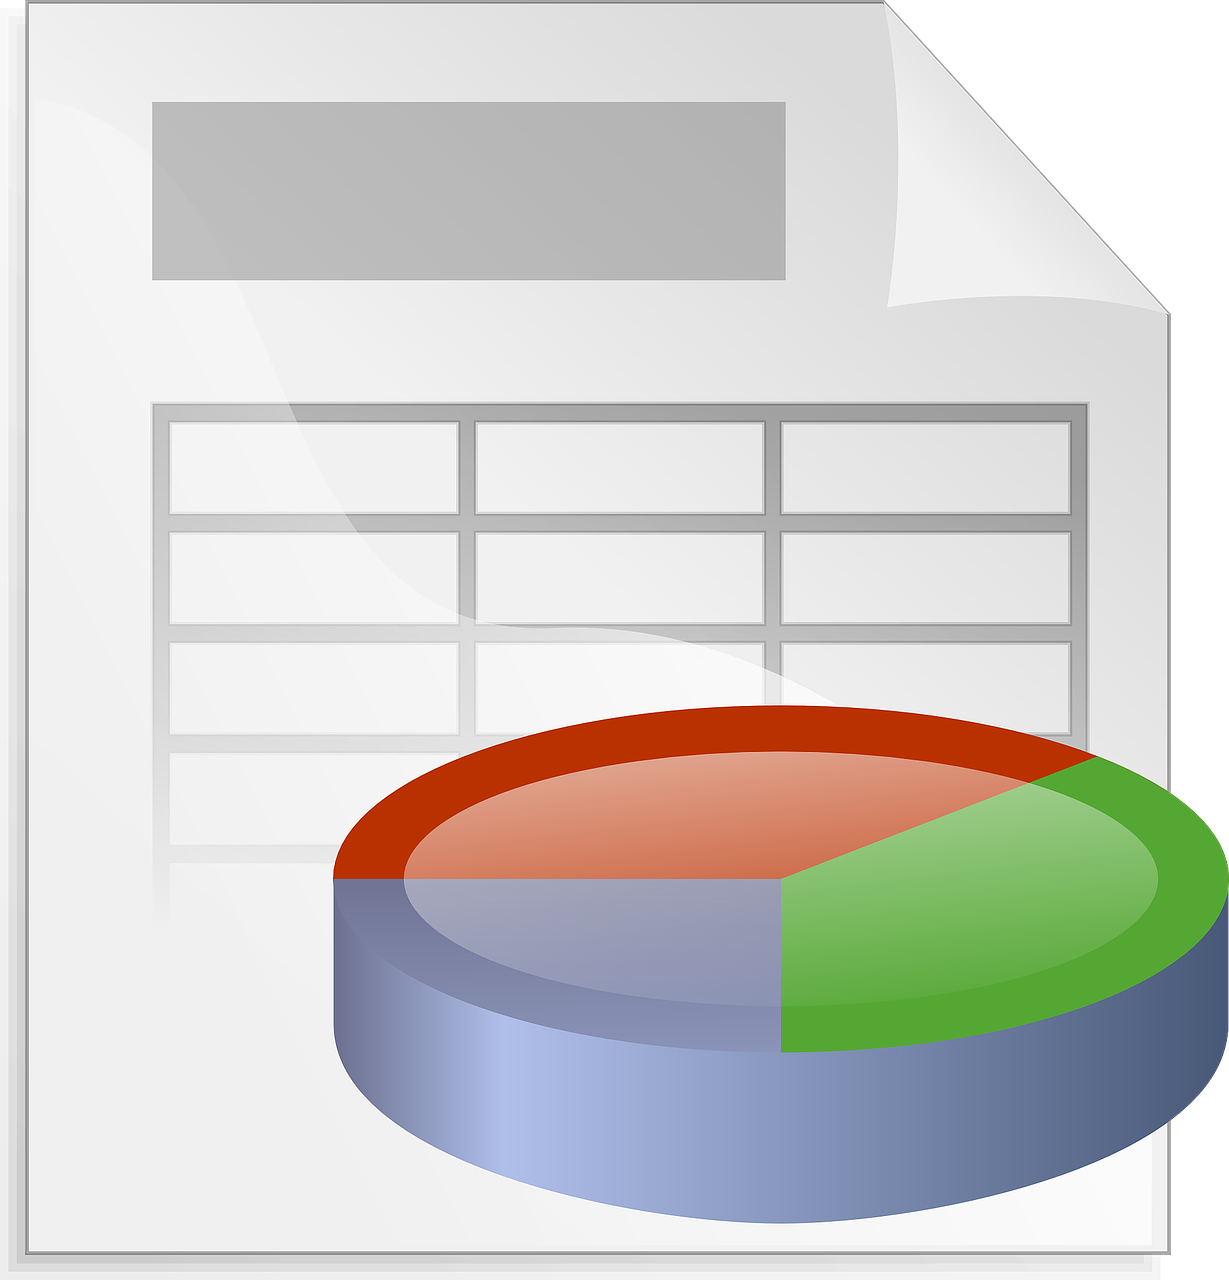 【Excel】vlookupの逆向き値取得